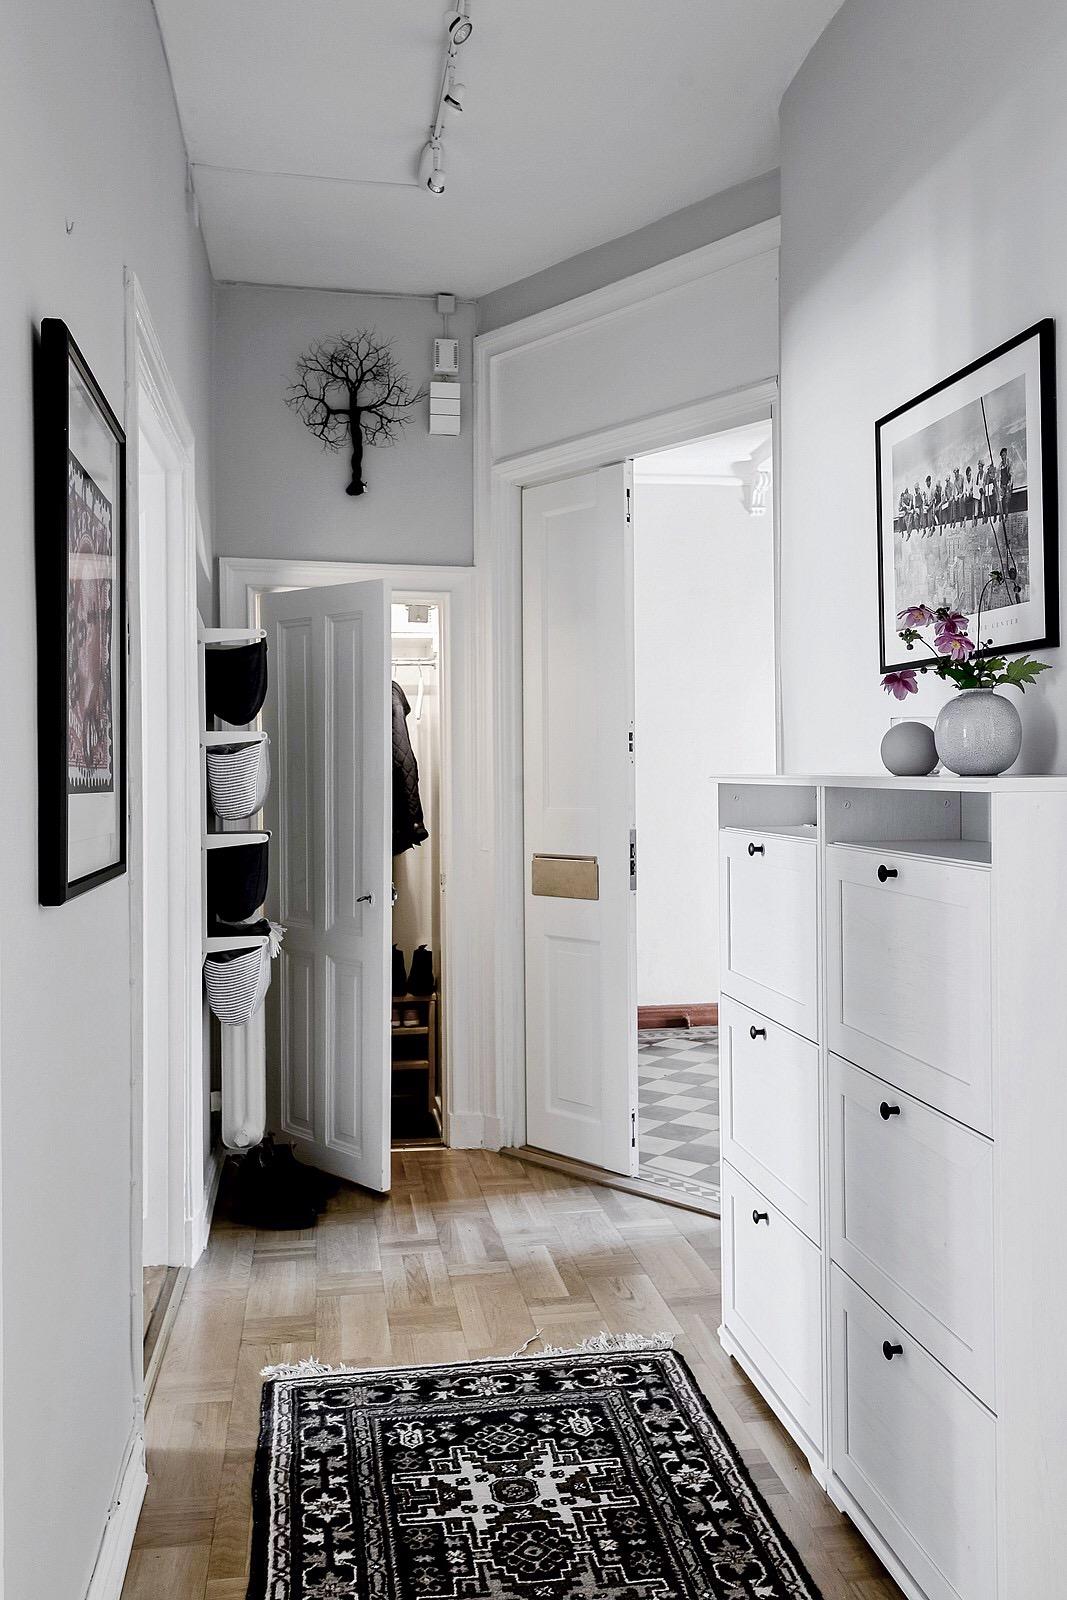 прихожая входная дверь коридор ковер комод шкаф кладовая